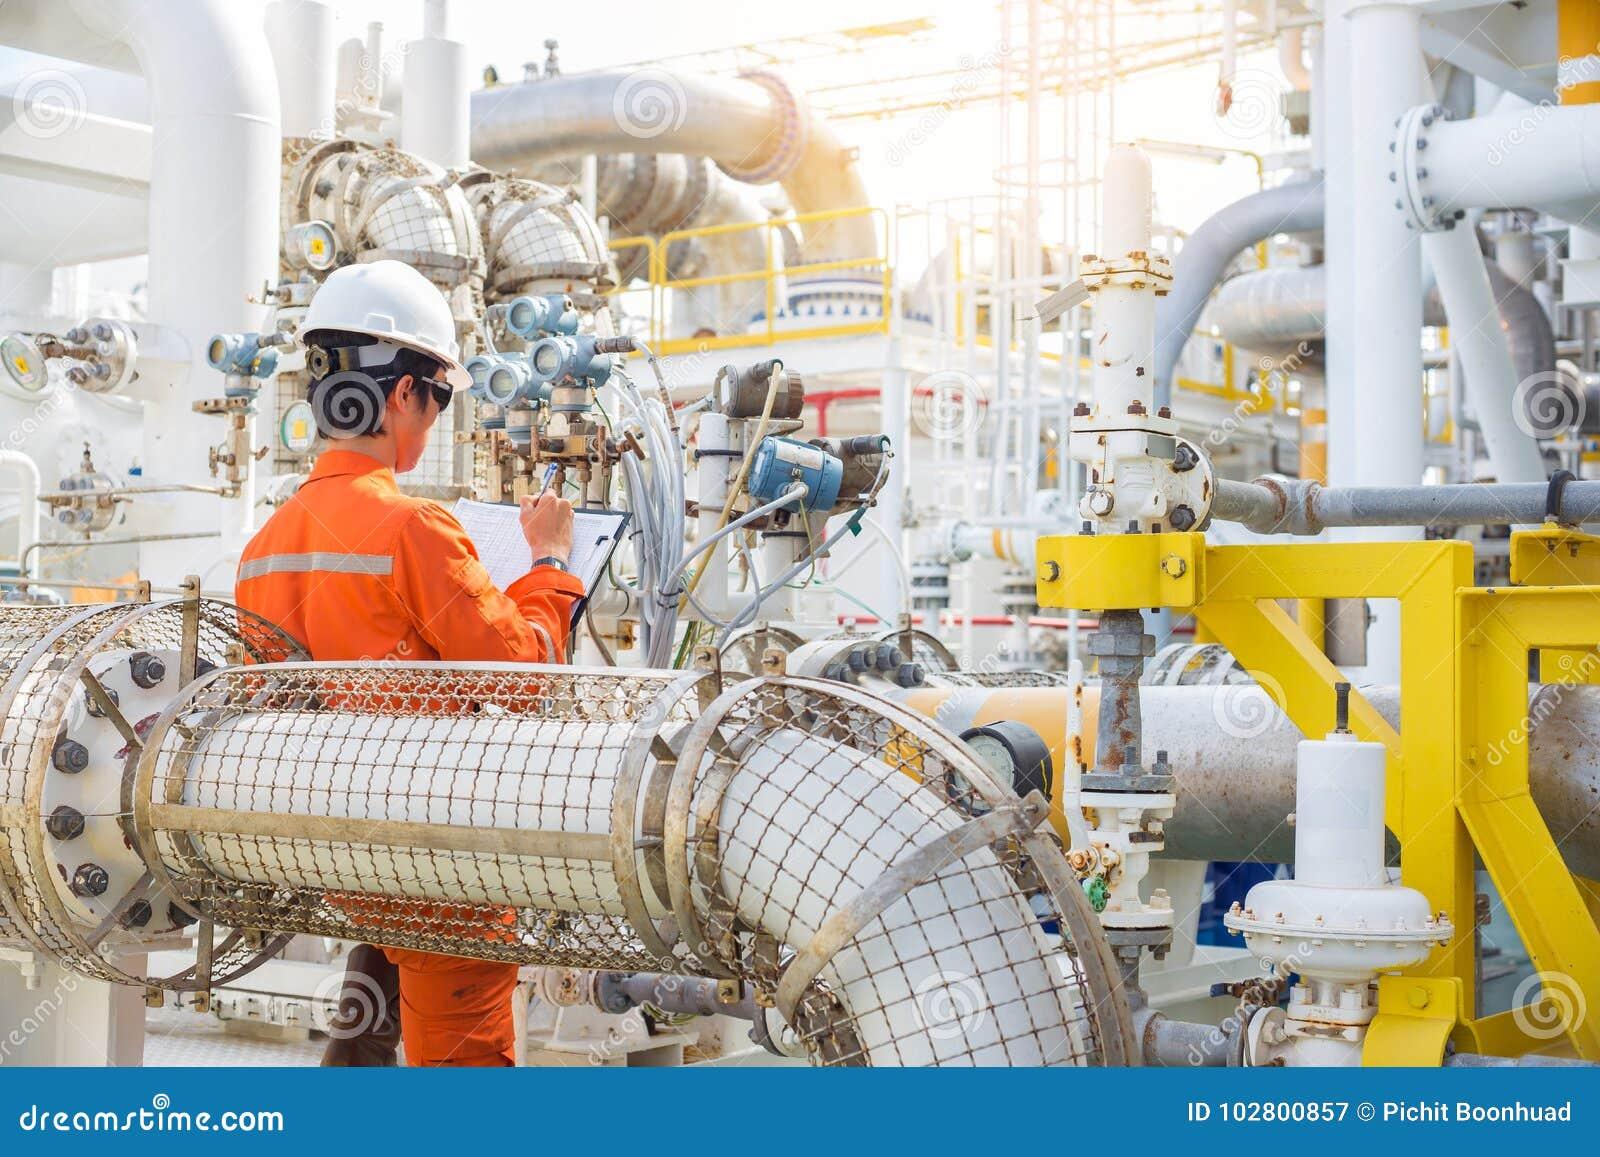 近海油和煤气产业,生产操作员对旅程日记, dialy抽油装置工作者活动的纪录数据